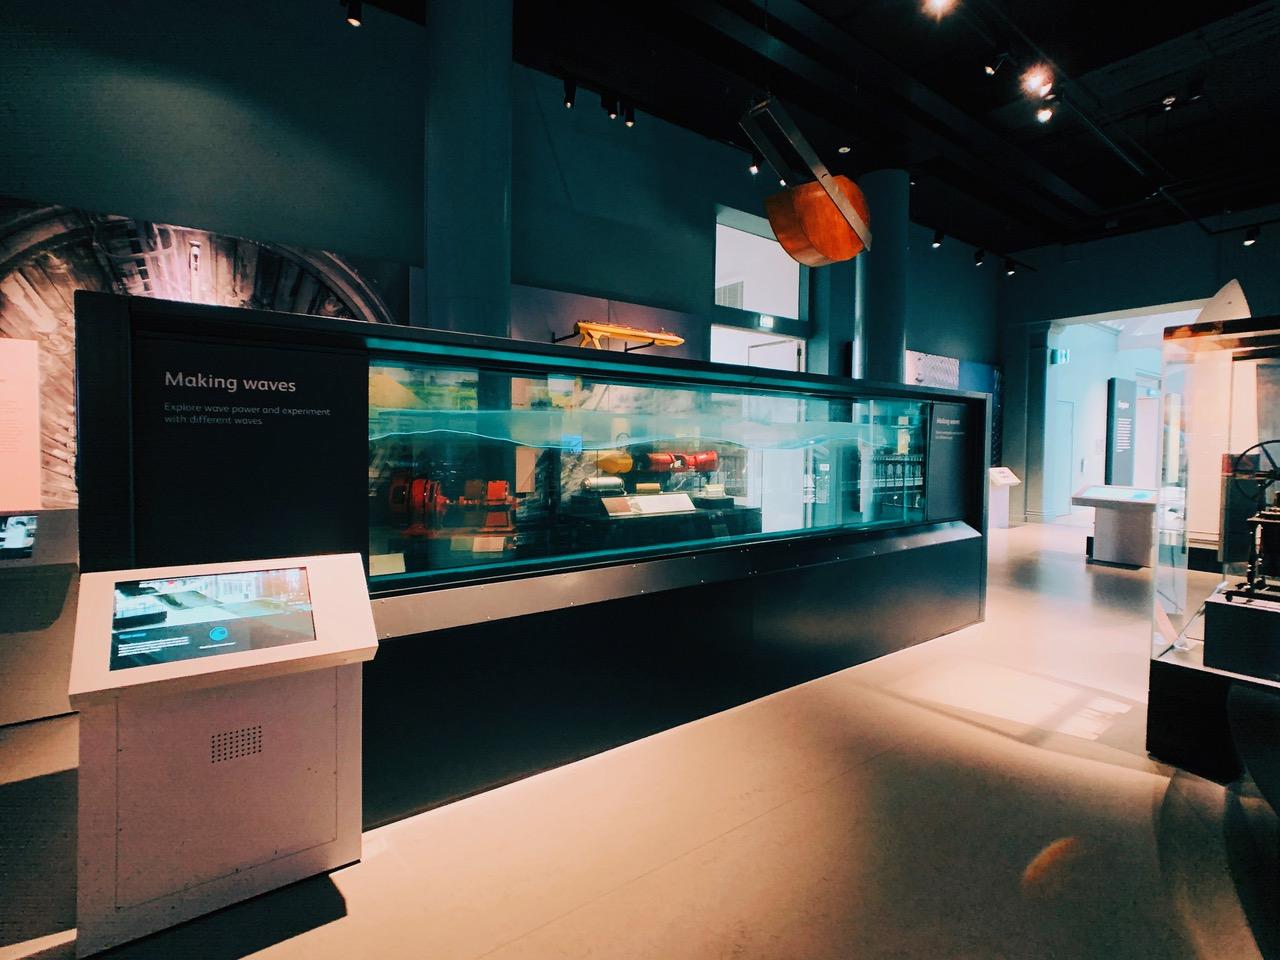 スコットランド国立博物館の展示